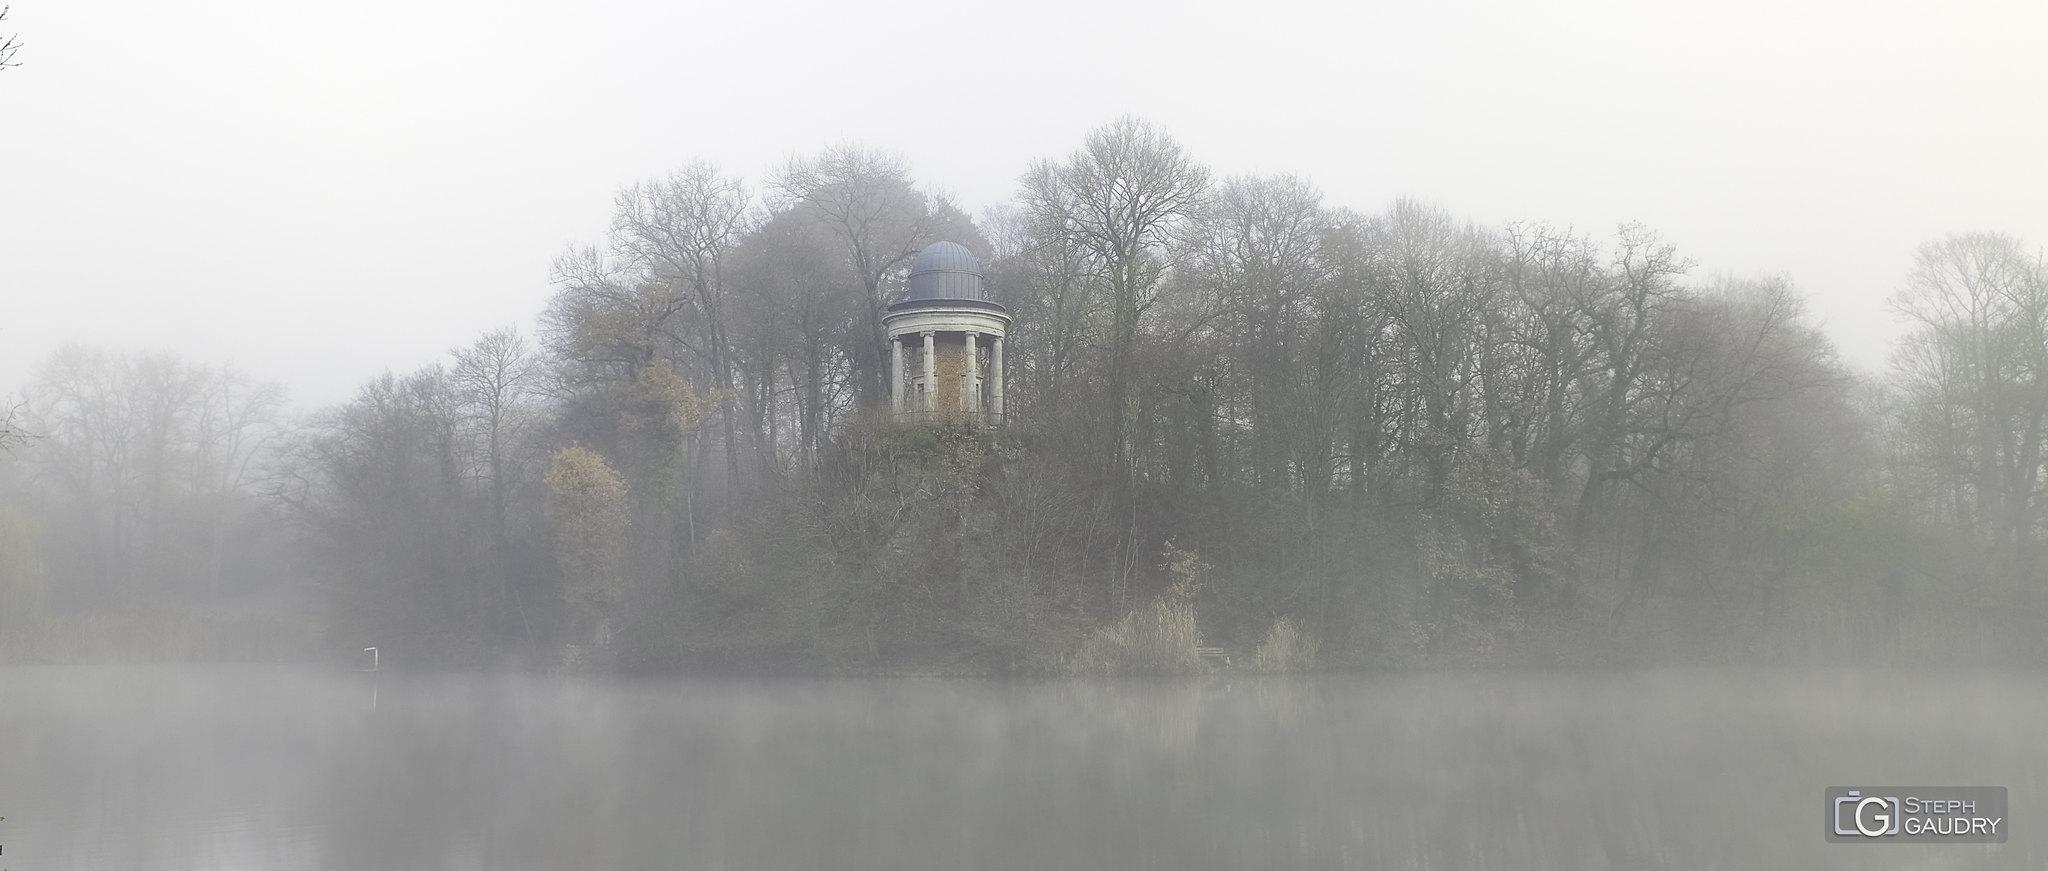 Wégimont dans le brouillard (11/2019) [Cliquez pour lancer le diaporama]